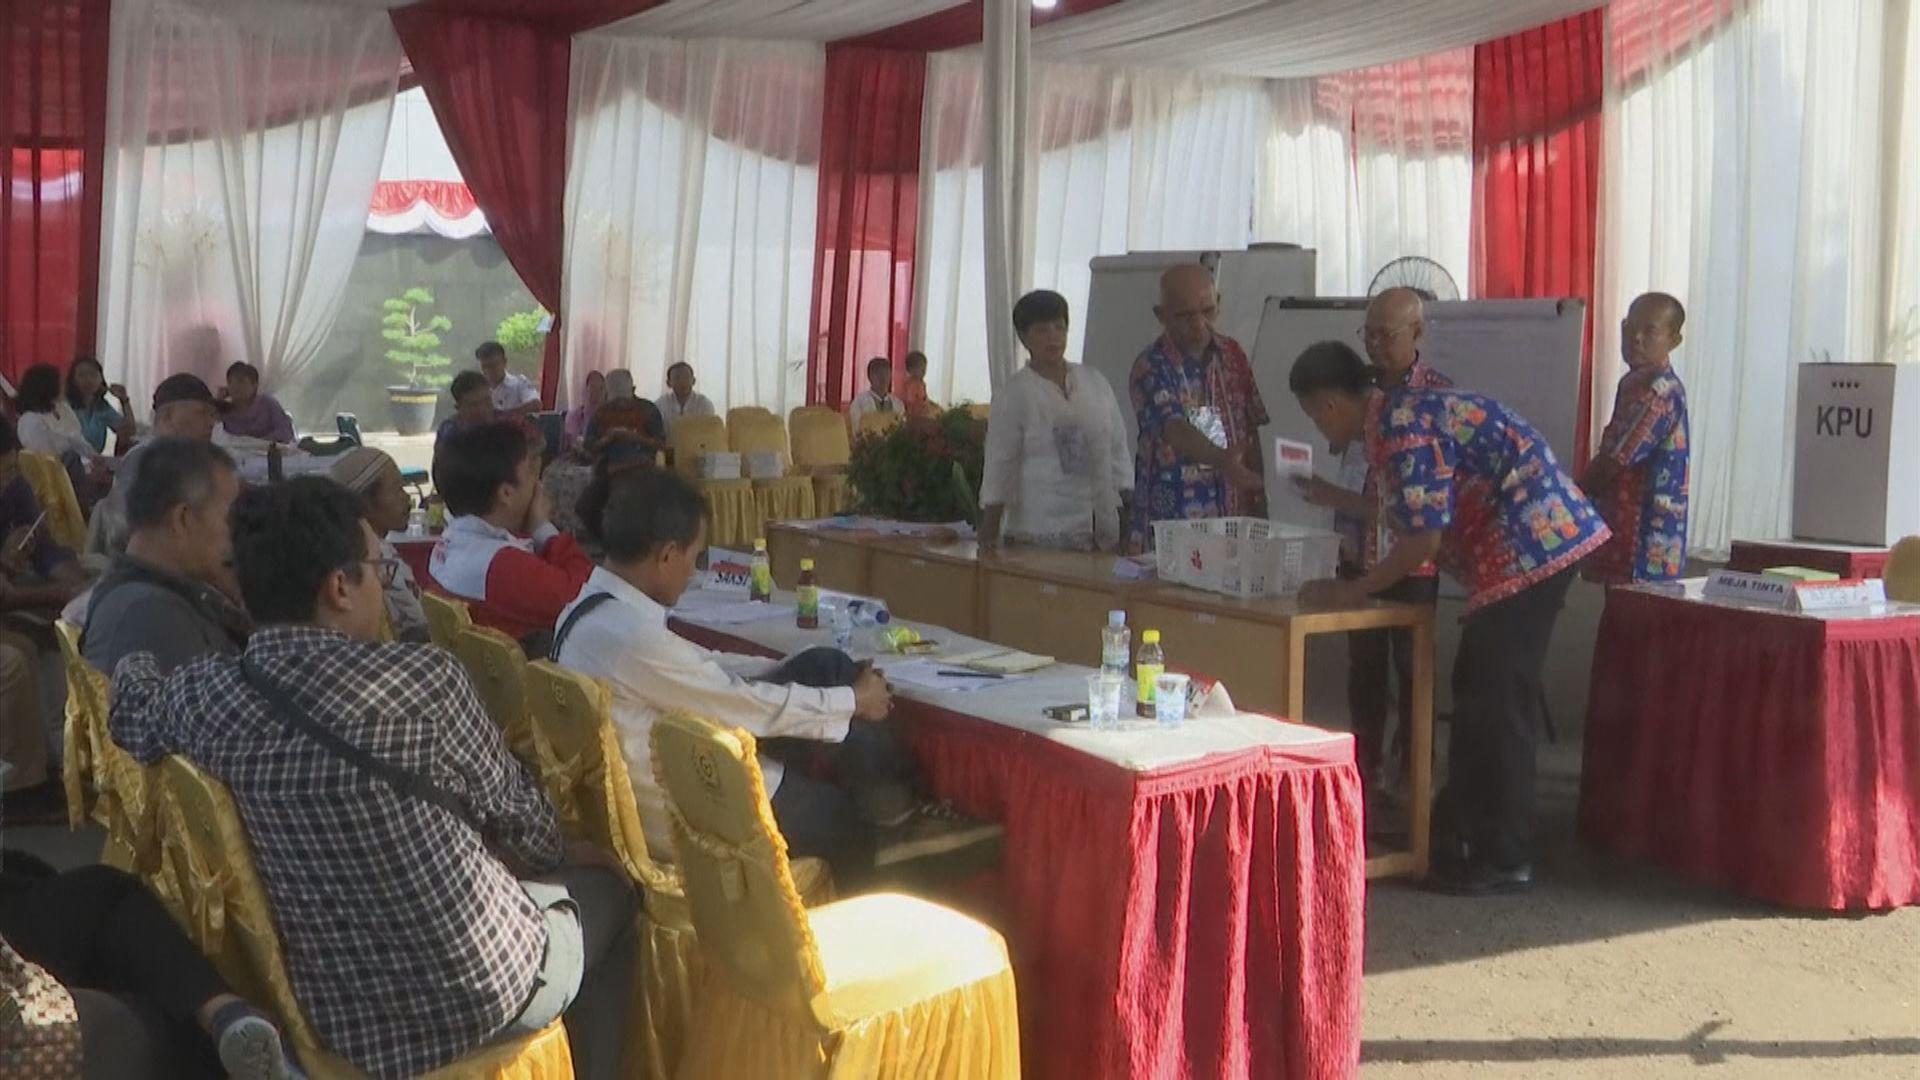 【環球薈報】印尼大選逾270點票工作人員過勞死